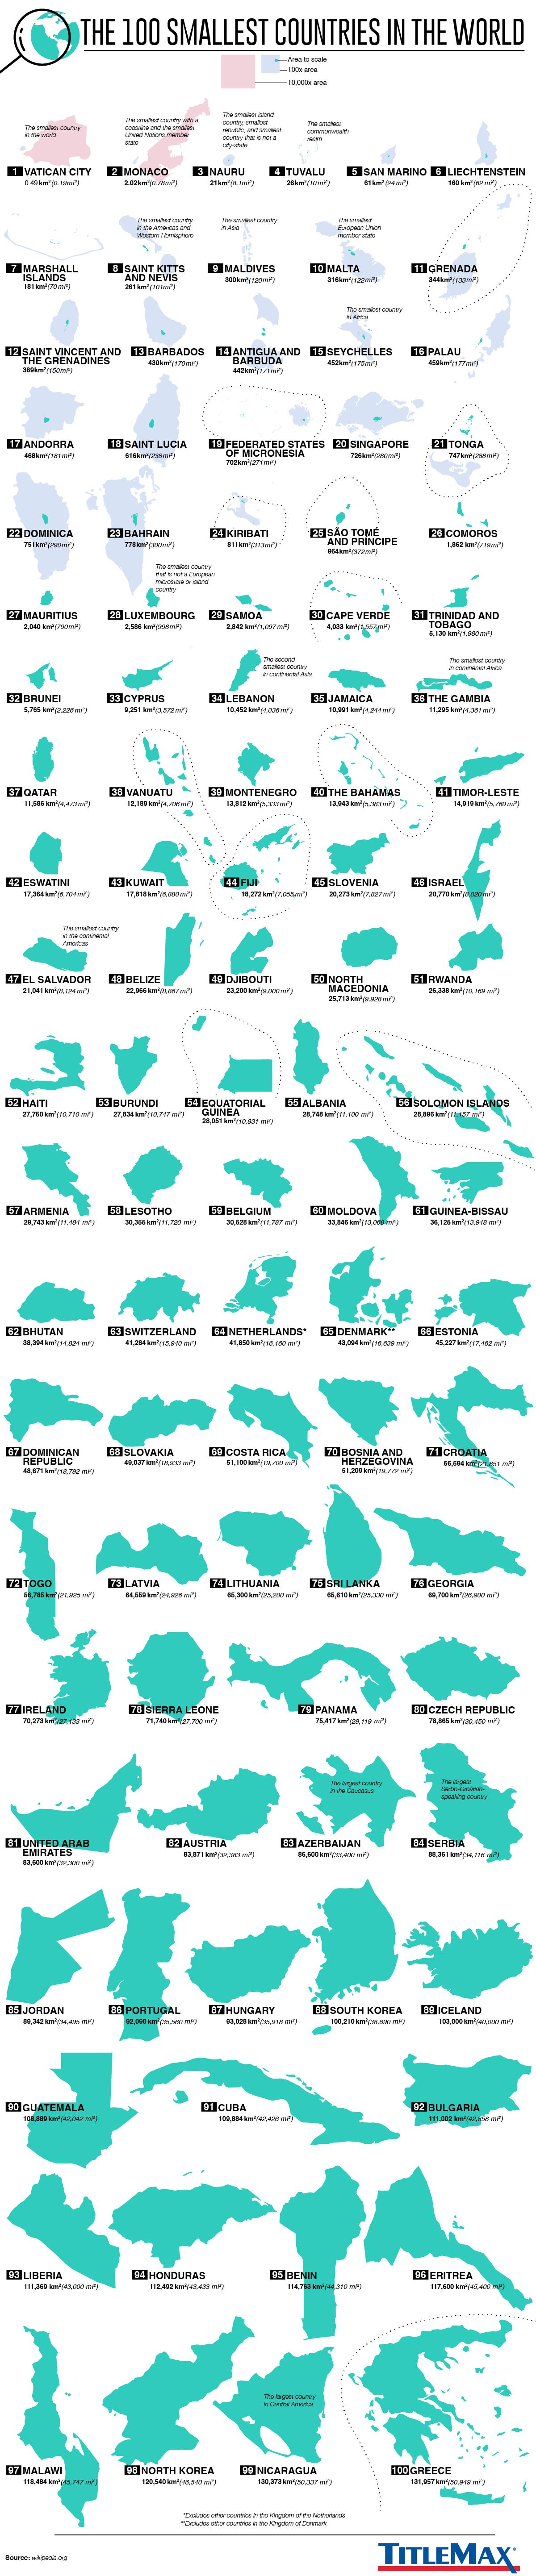 Visualizado: Los 100 países más pequeños del mundo